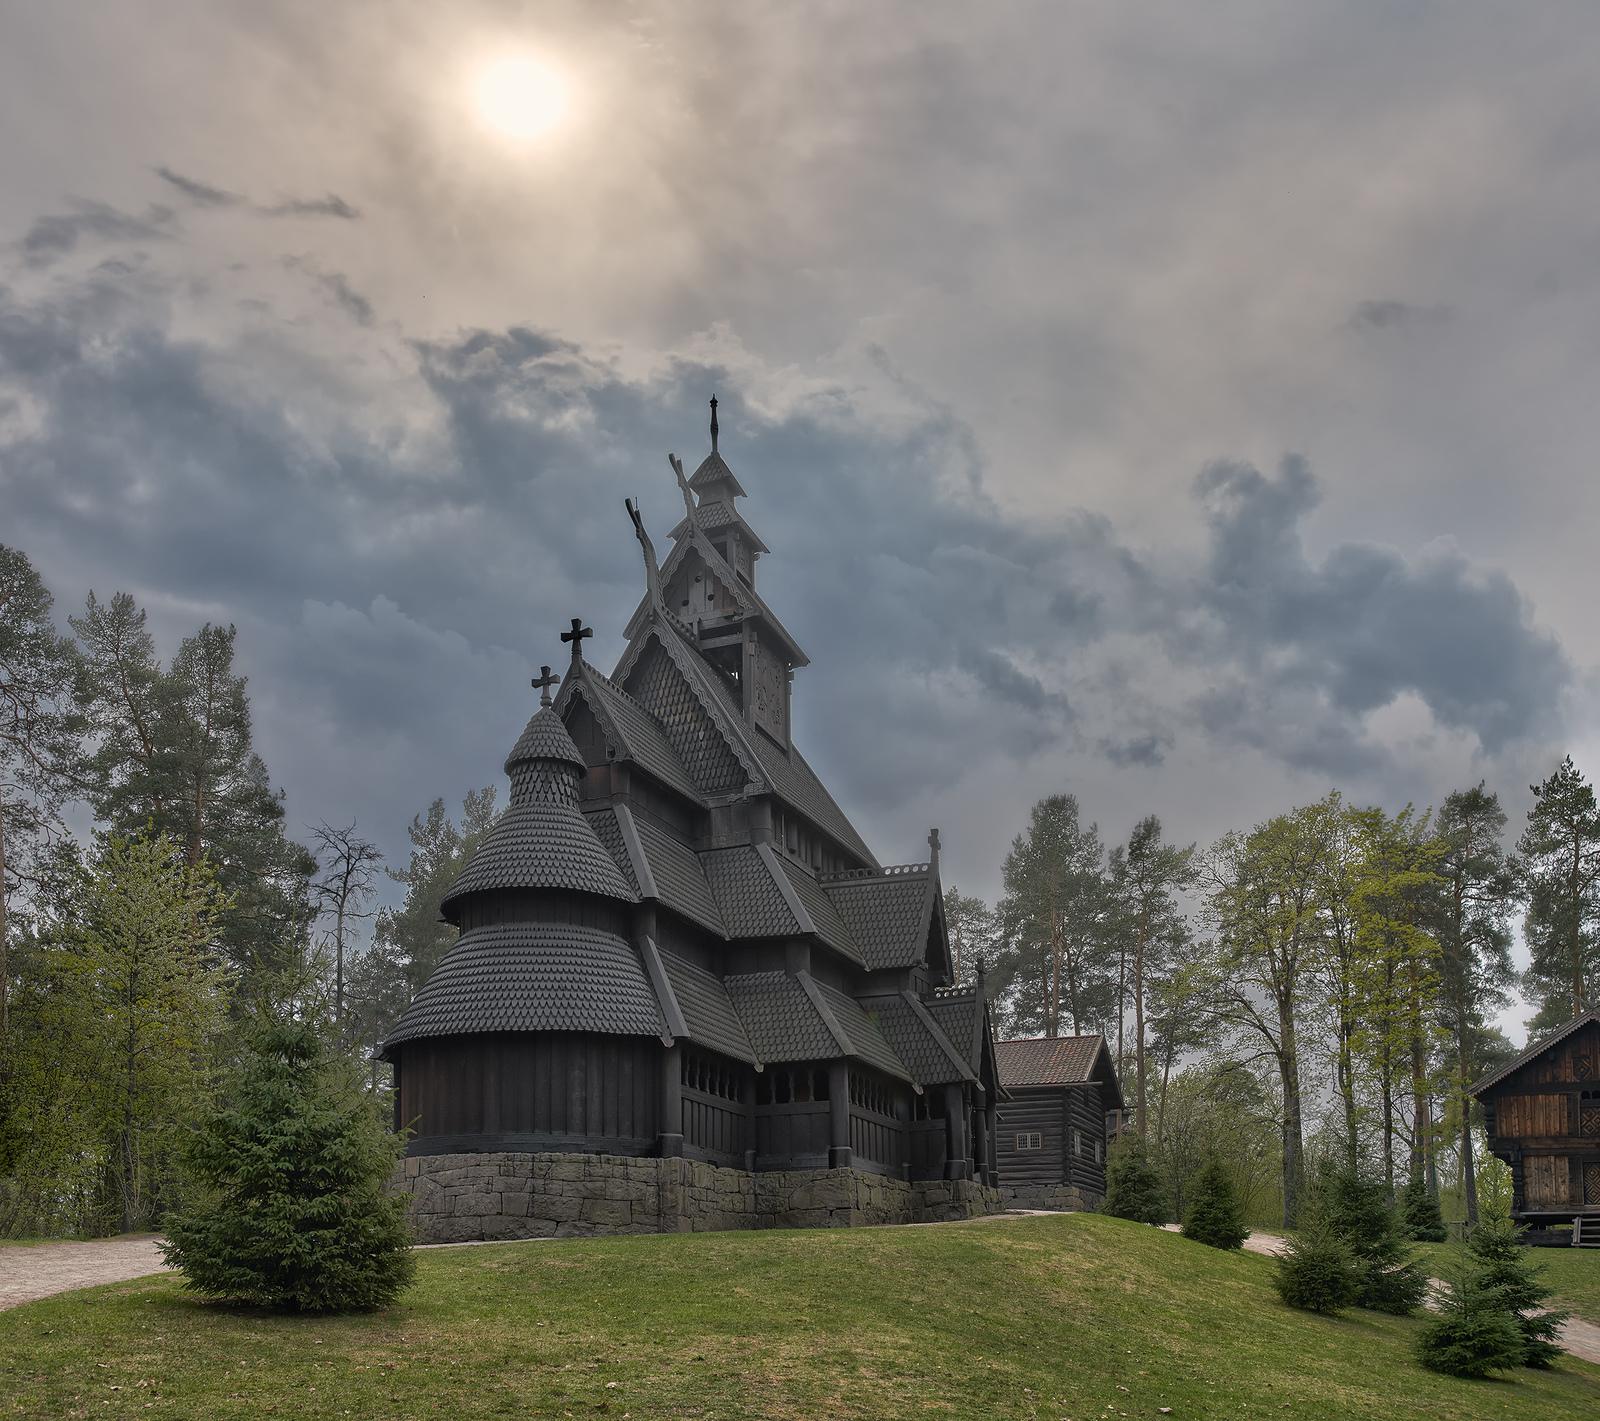 Обои Норвегия, деревянная, церковь. Разное foto 14